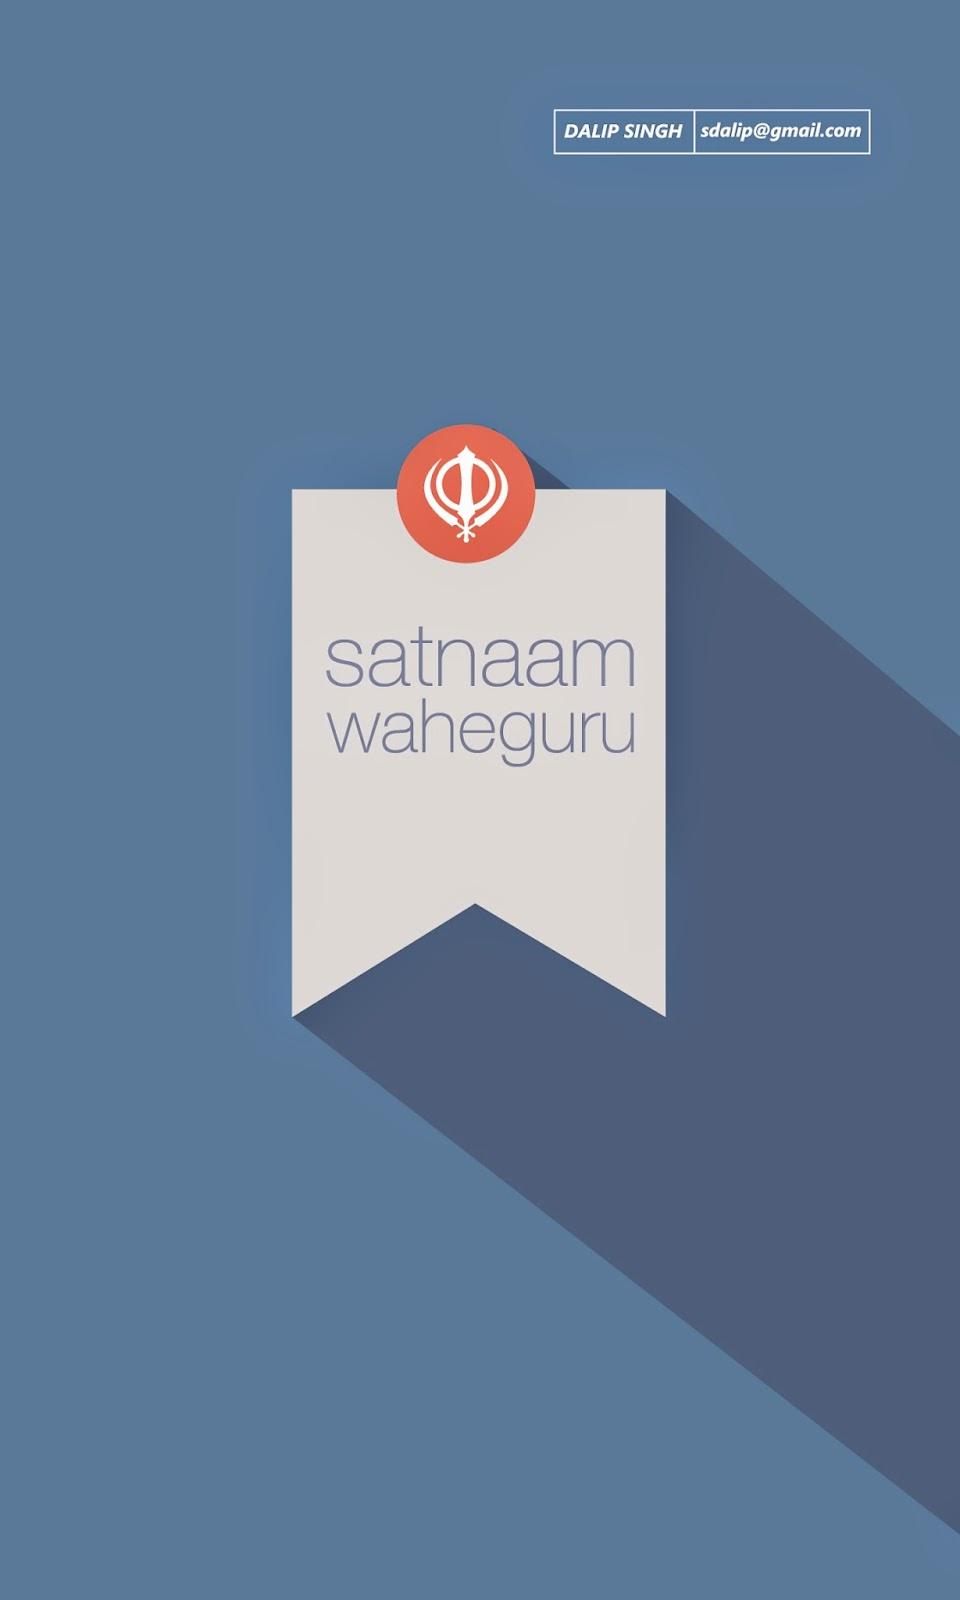 gurbani hd wallpapers hd sikh wallpaper hd wallpapers mobileWaheguru Wallpapers For Mobile